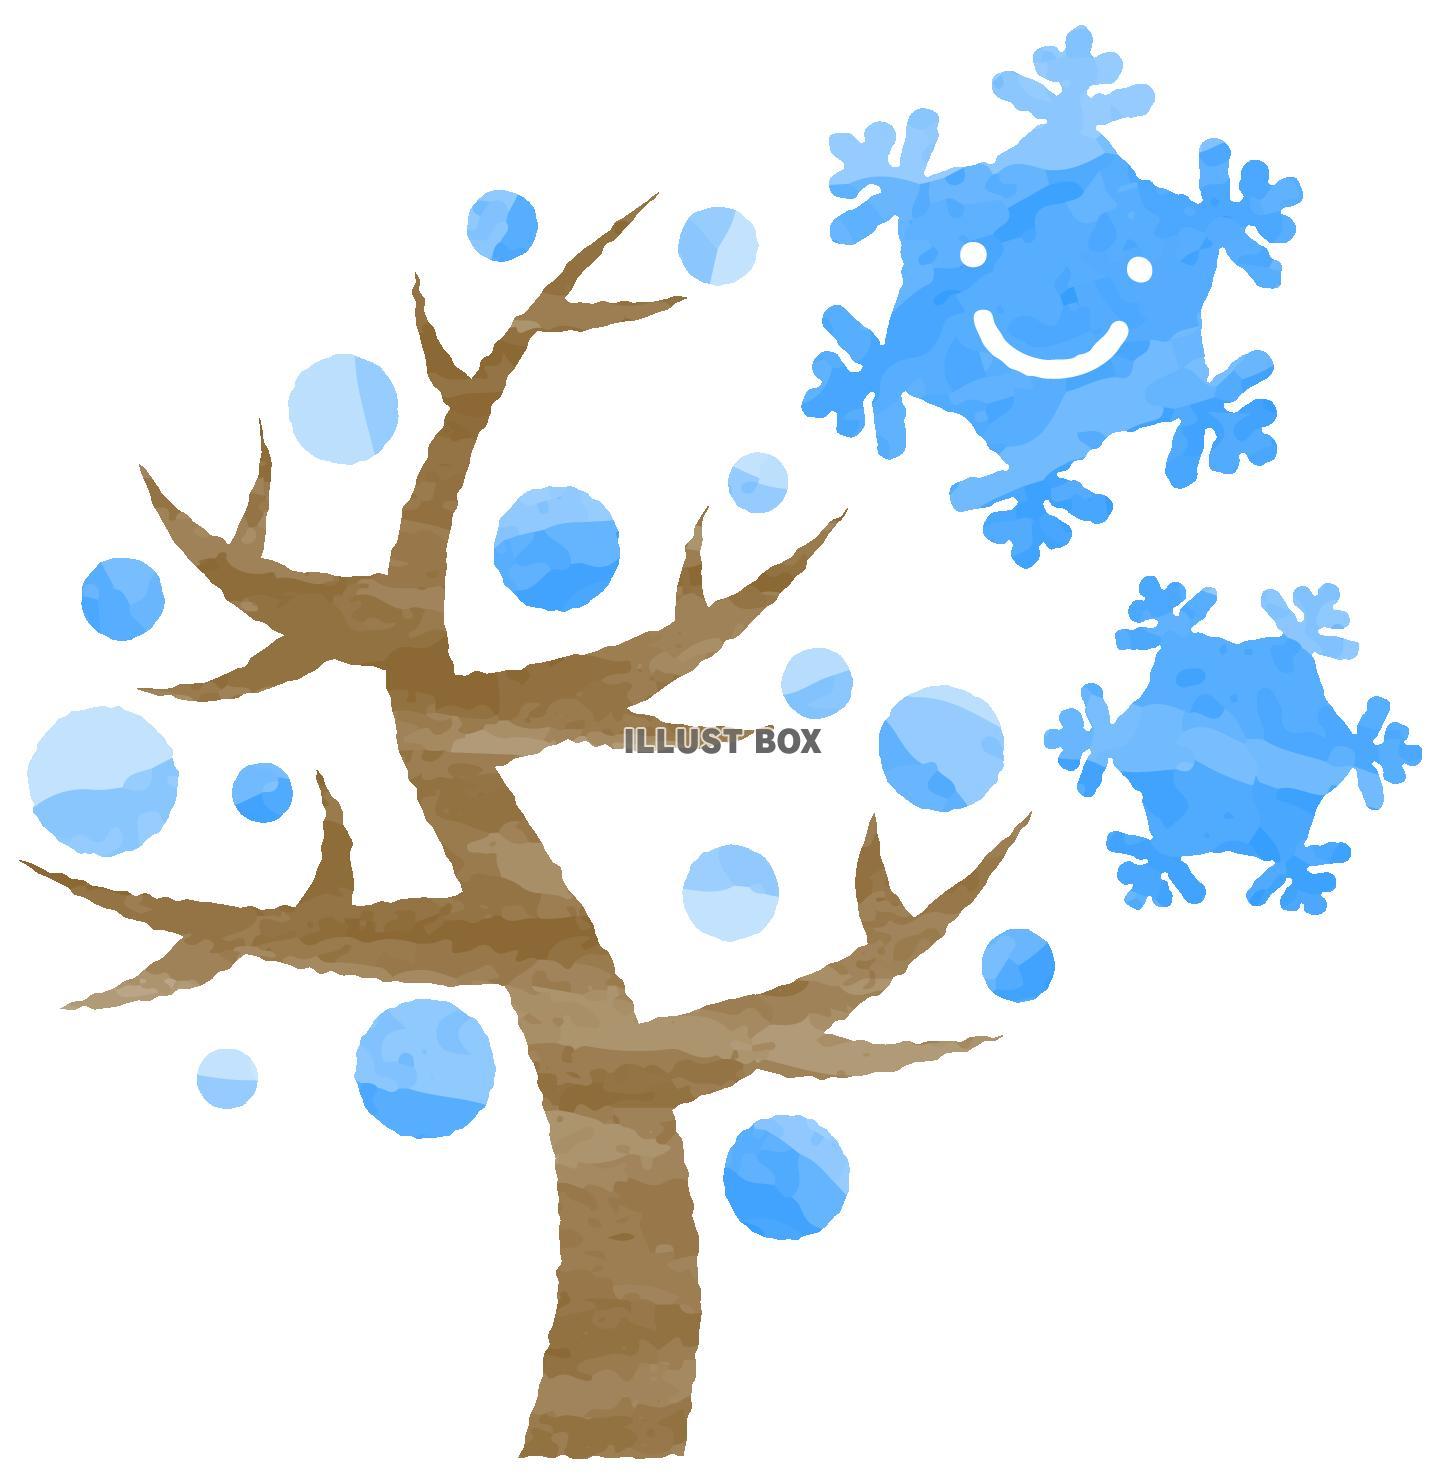 無料イラスト 手描き風笑顔の雪の結晶と冬の木